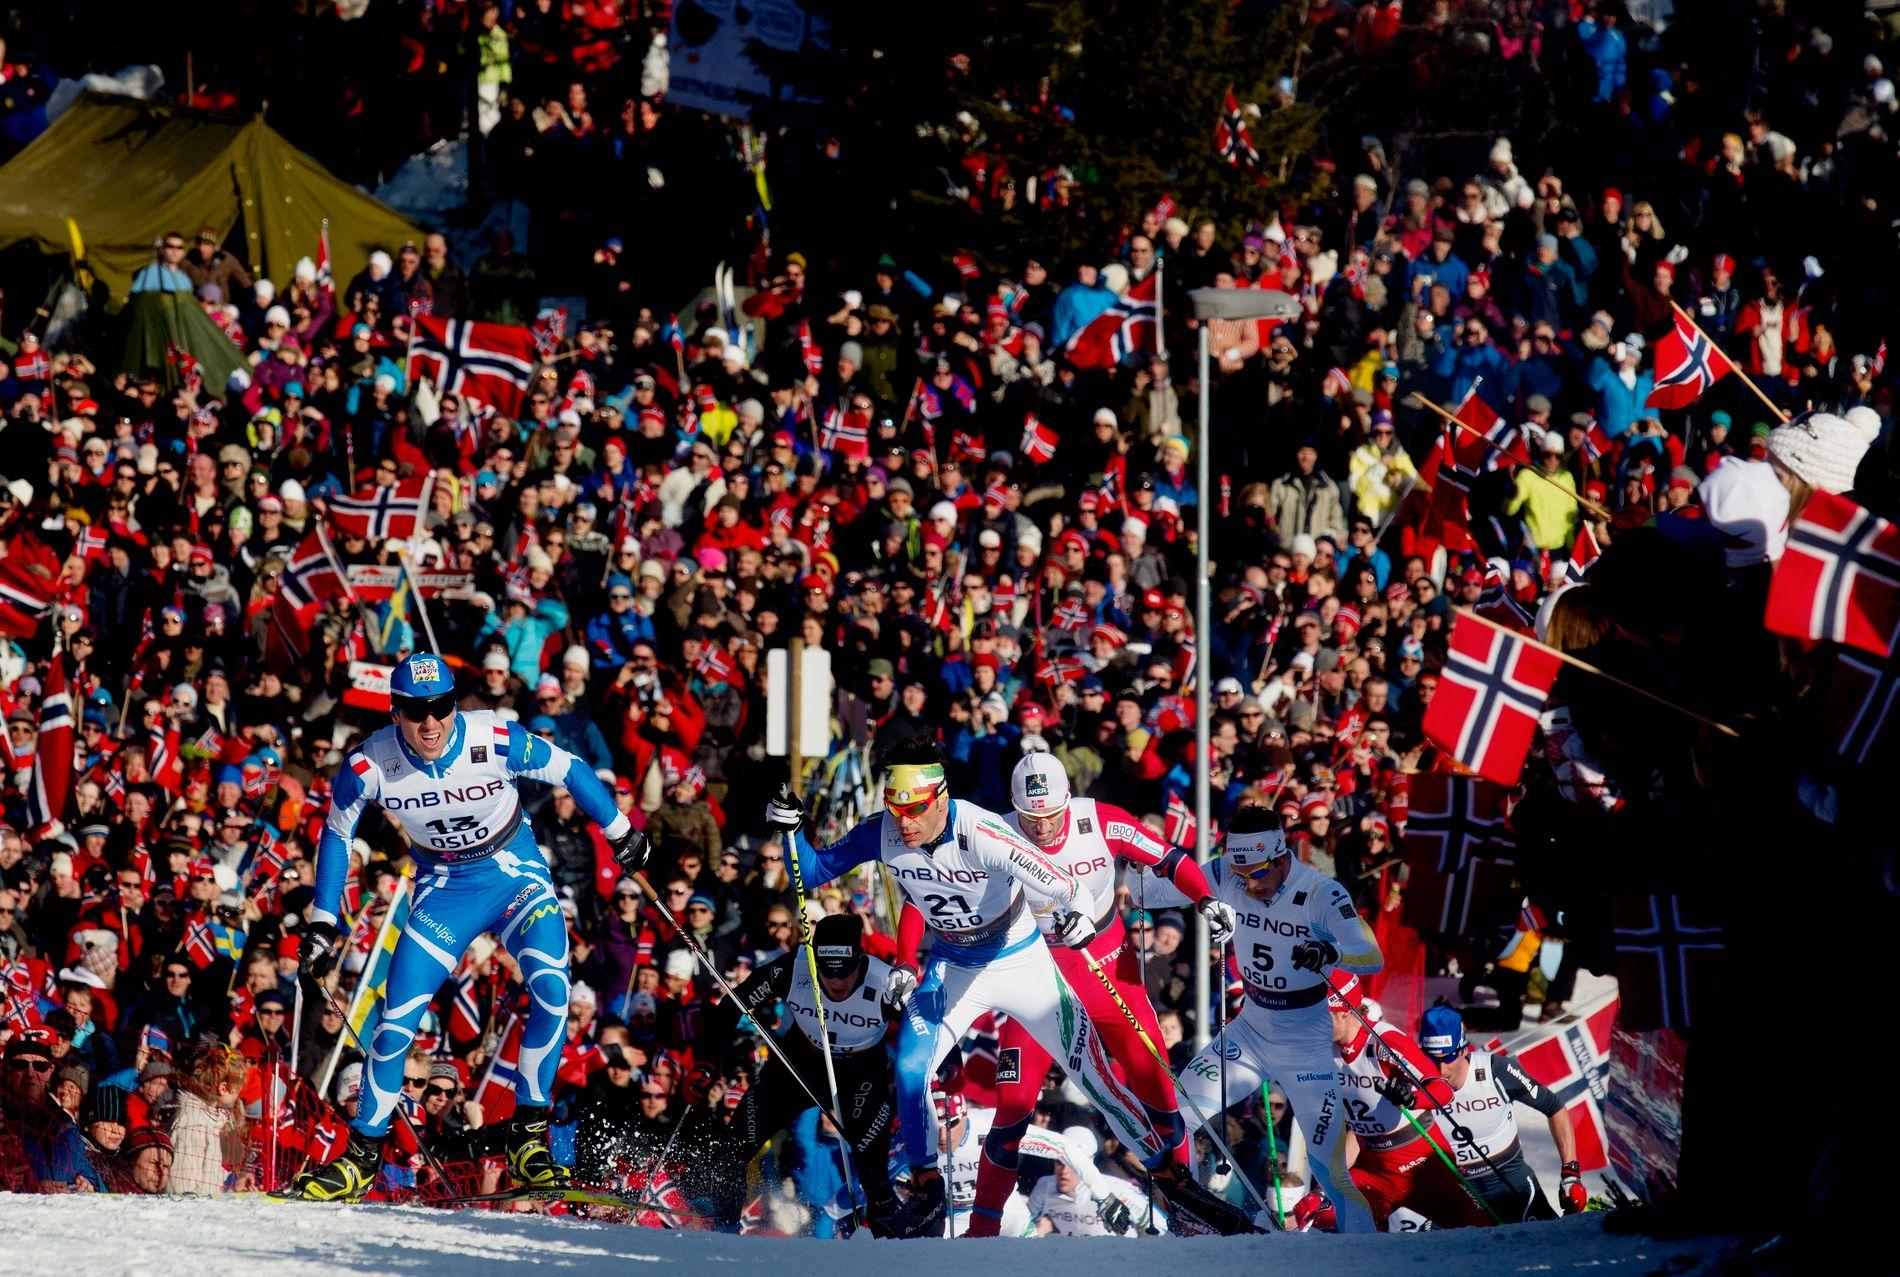 NASJONALAKTIVITET: – Nordmenn er ydmyke på individnivå, men som nasjon vil de være stolte. Som en liten bestående av fem millioner innbyggere, er det ikke så mange ting de kan bli verdensmester i. Langrenn er en av dem, skriver Lorelou Desjardins.